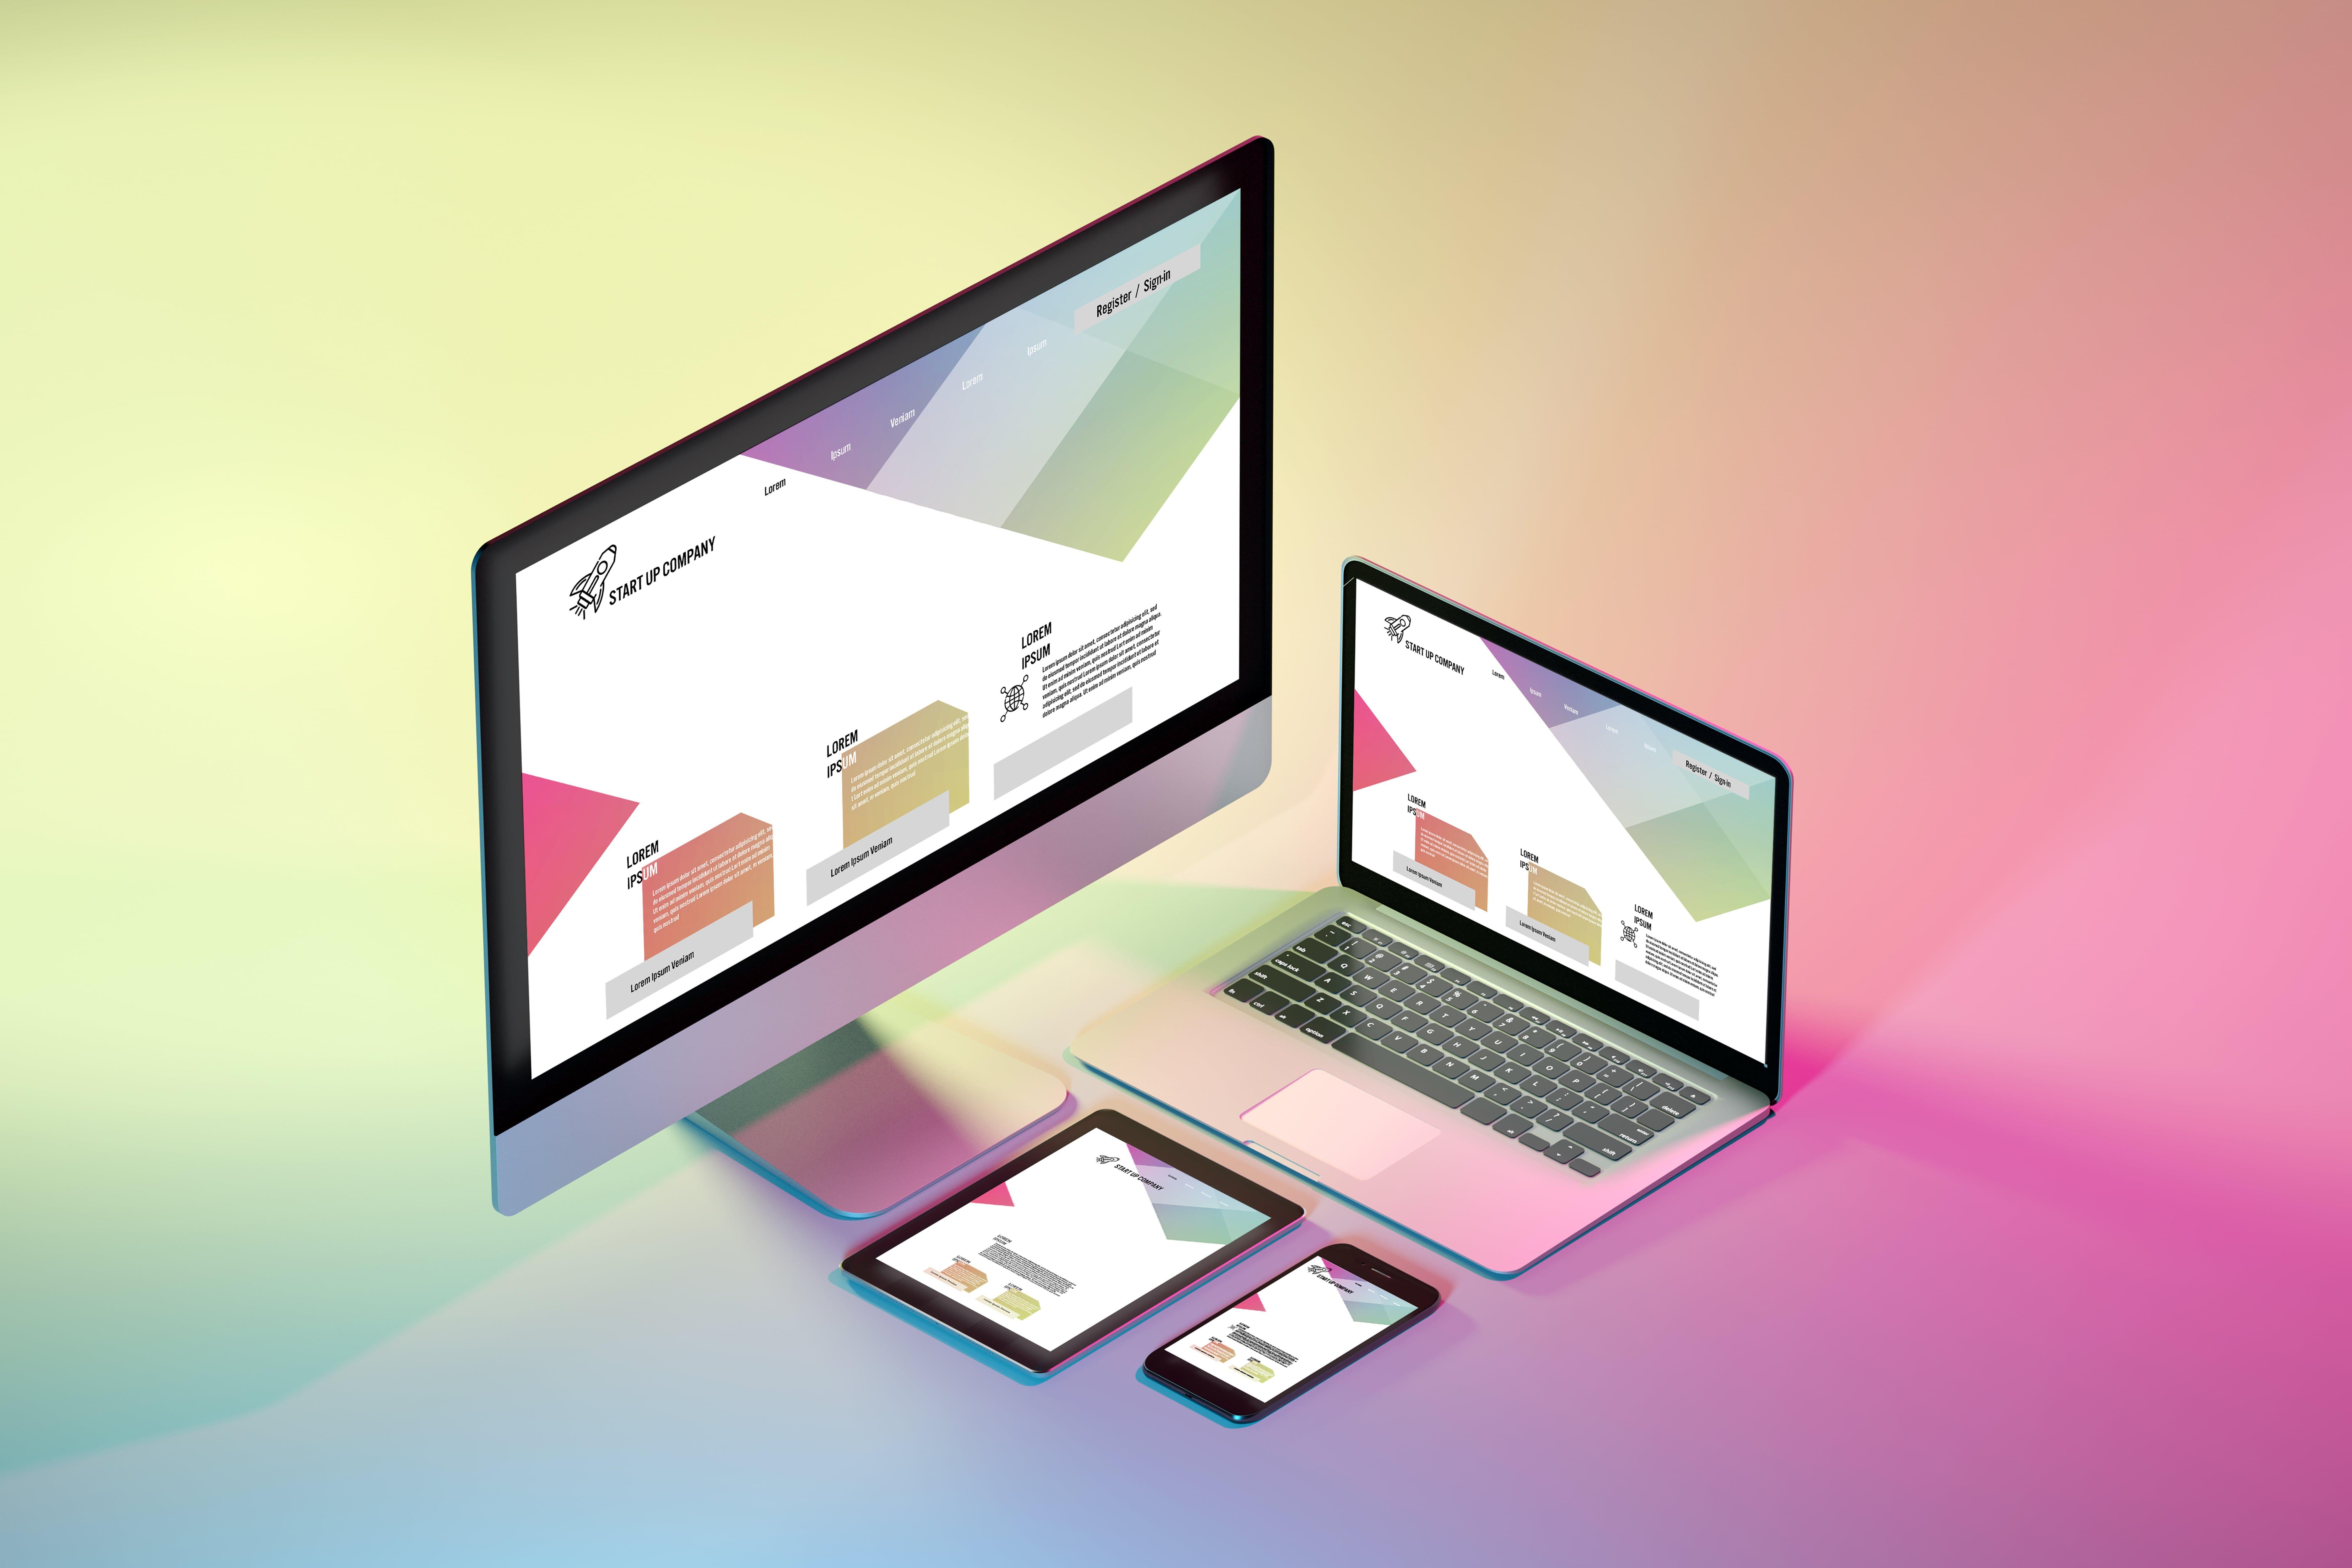 Website Cloning Services Clone Website Php Html Code Or Design In 2020 Website Design Design Goals Website